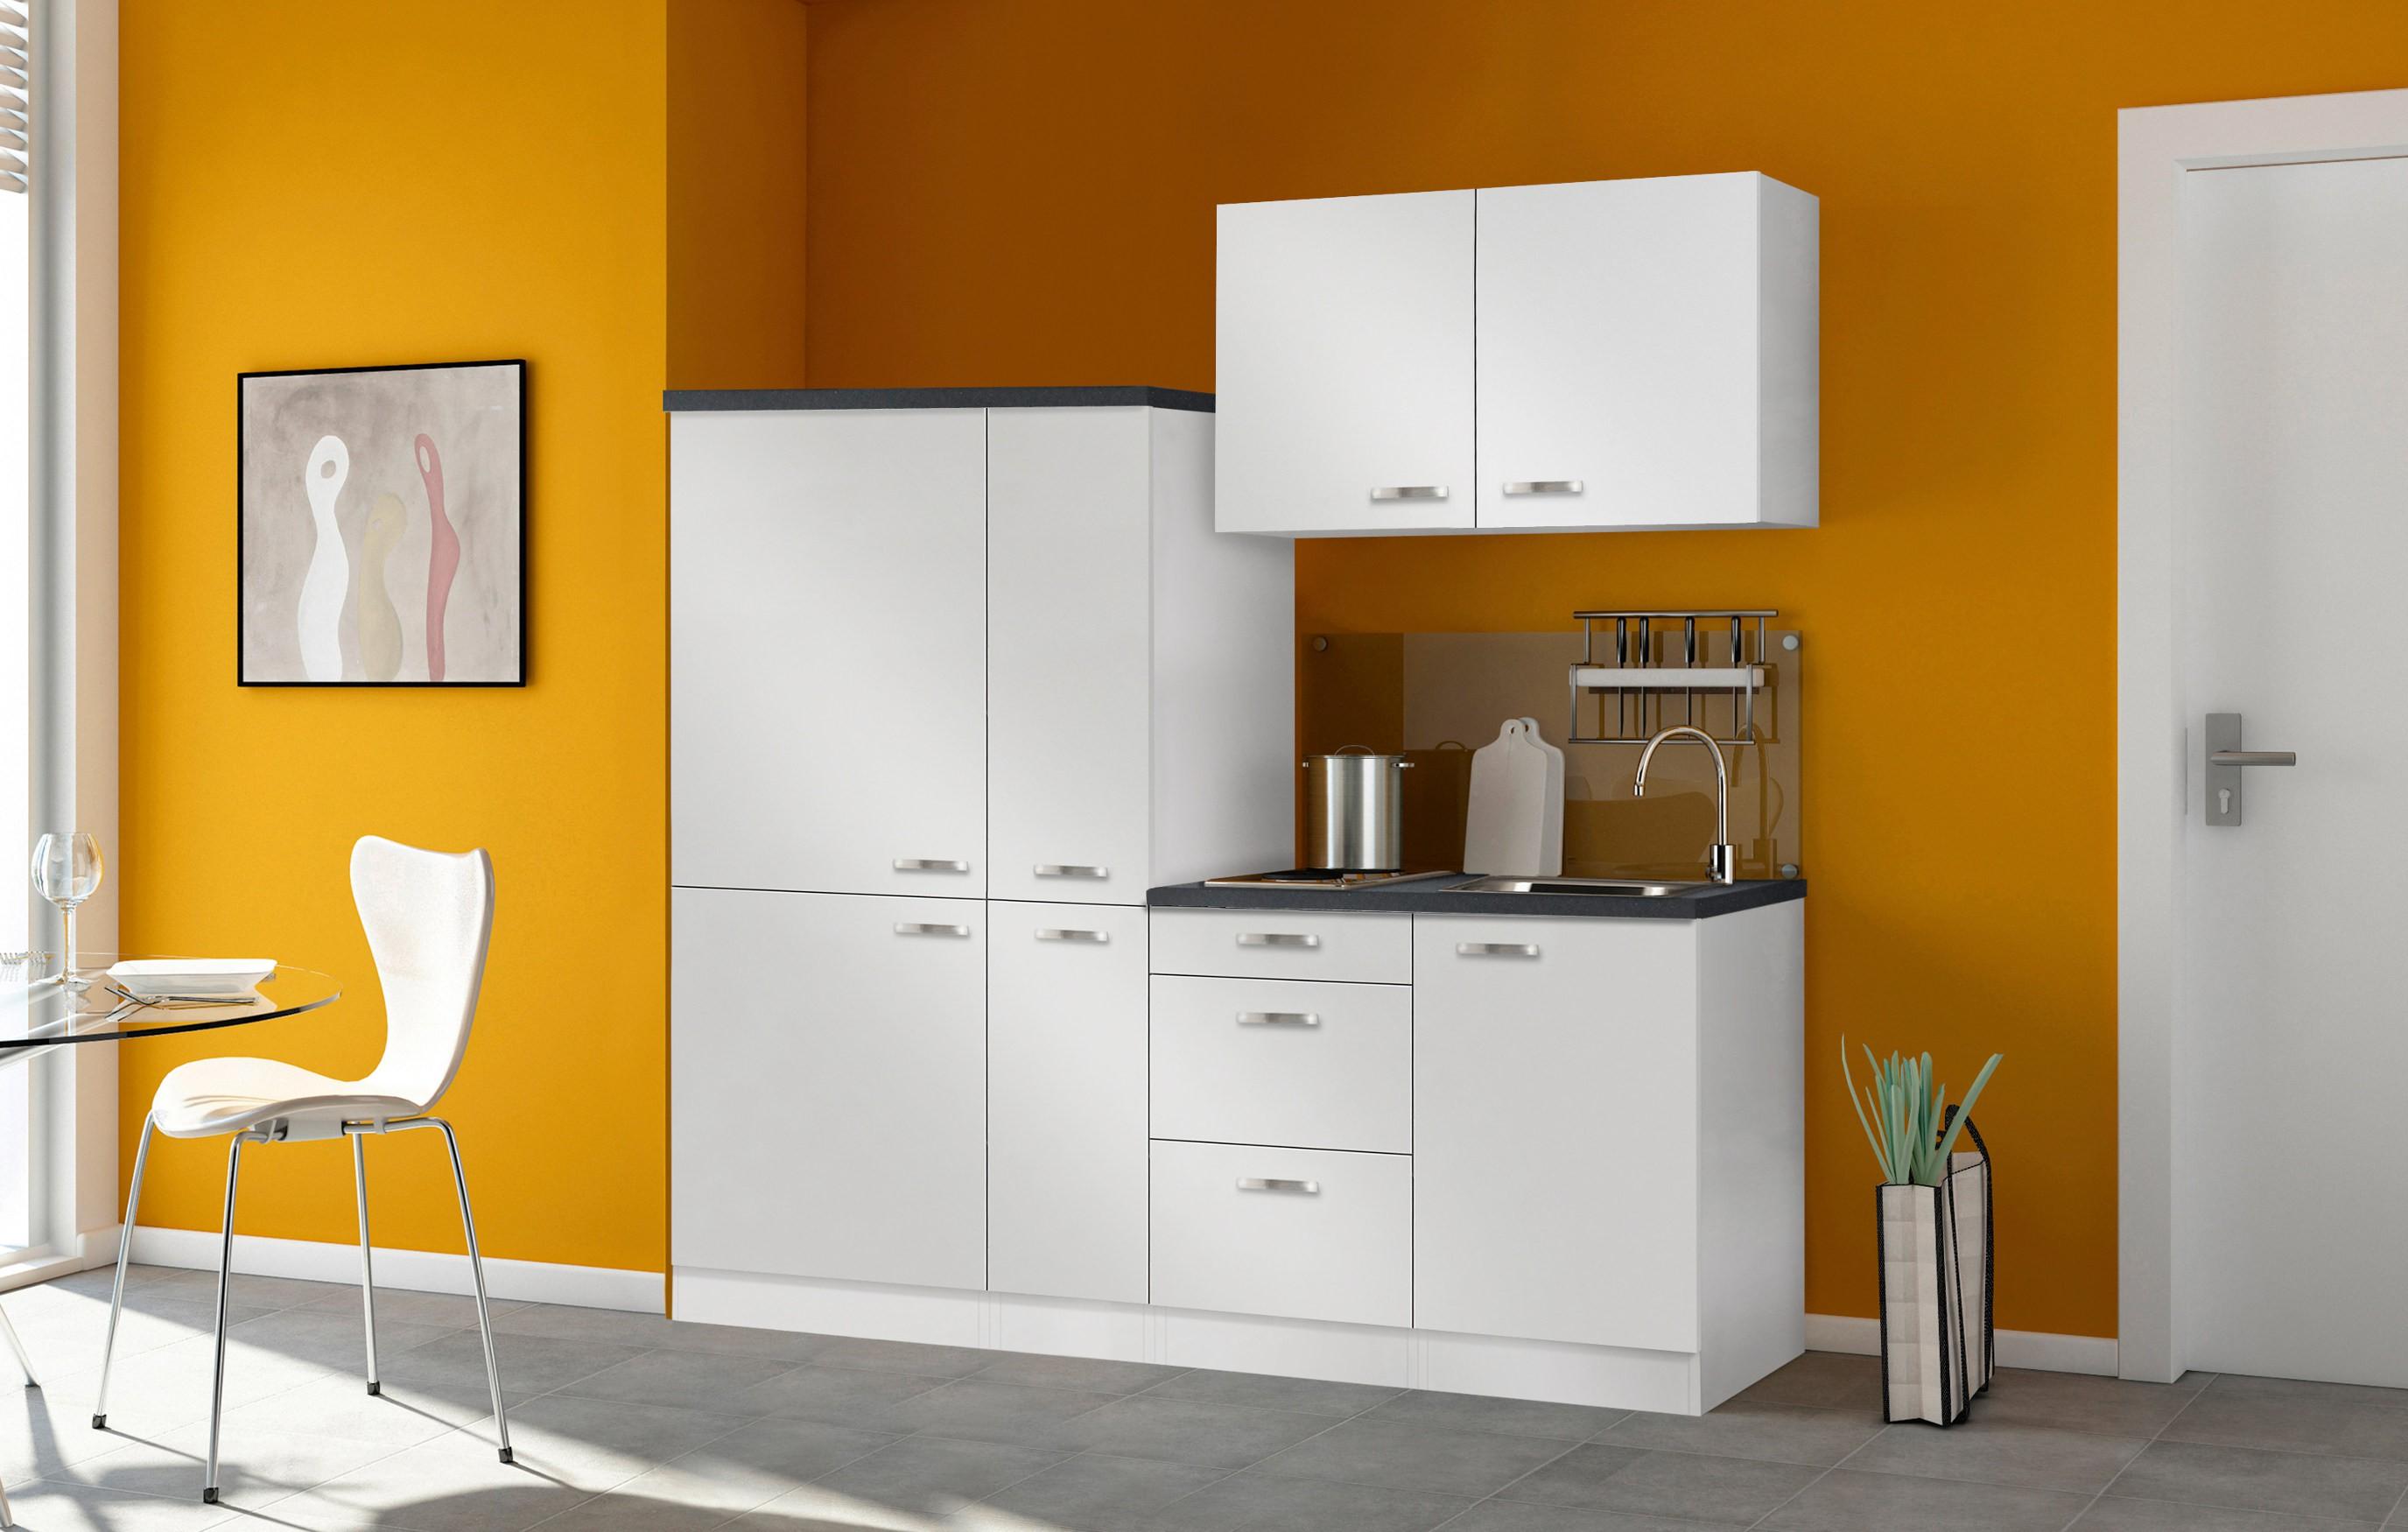 Miniküche Mit Kühlschrank Ohne Kochfeld : Singleküche granada mit elektro kochfeld breite cm weiß